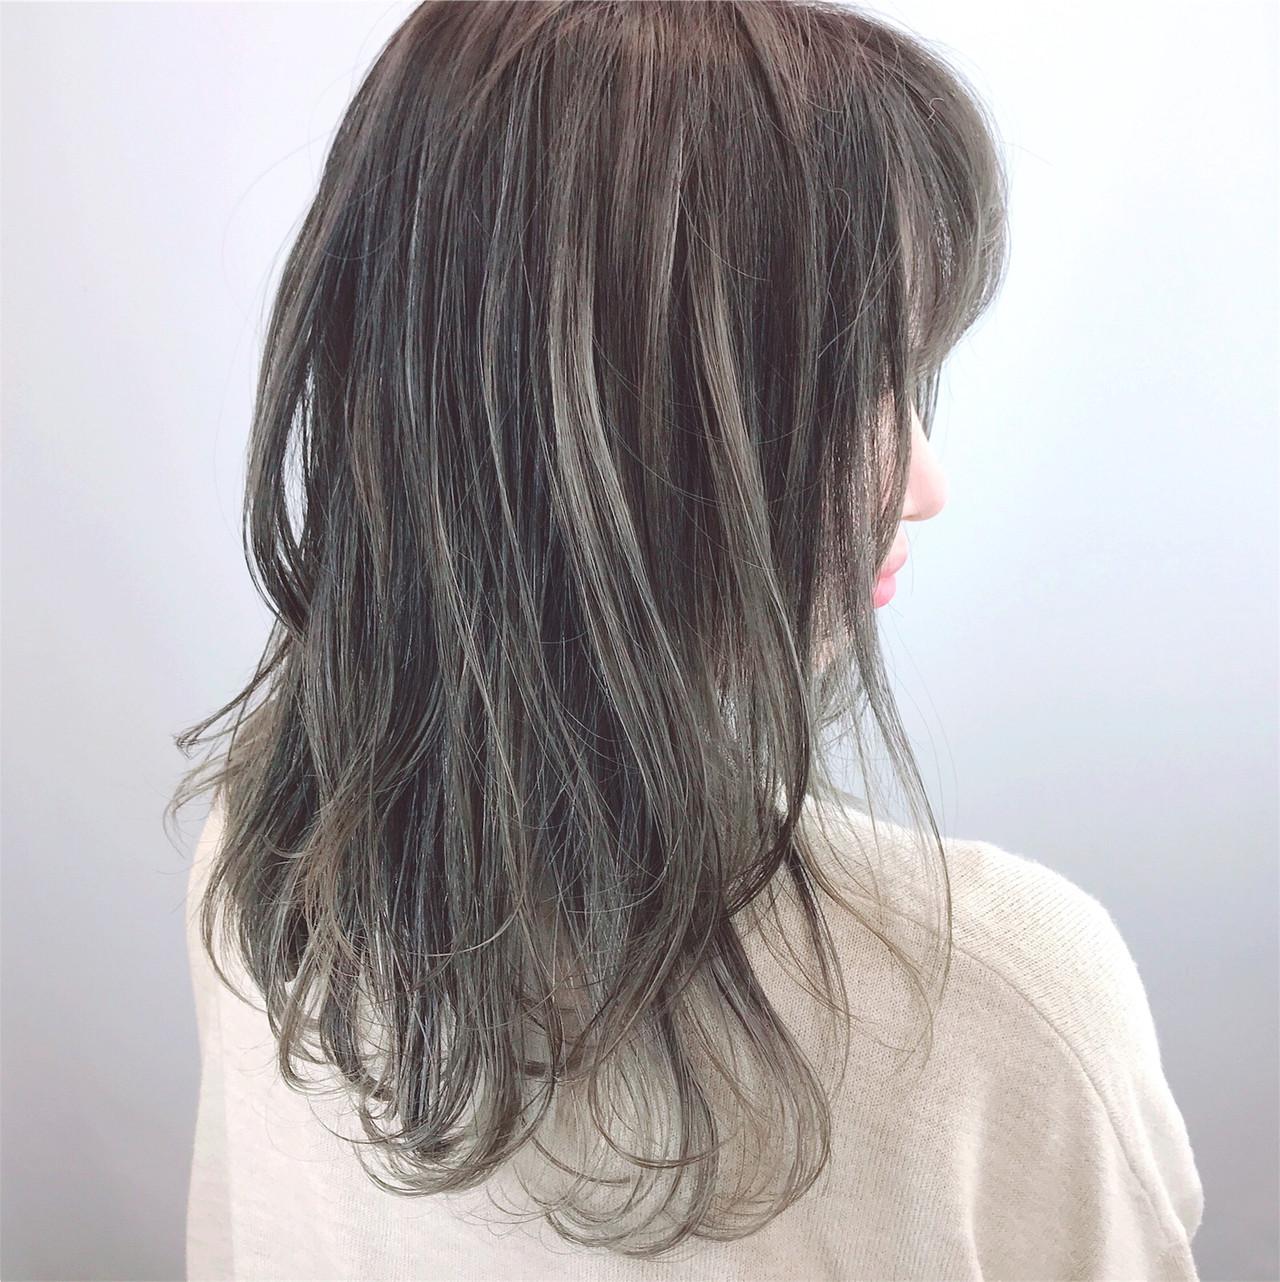 ストリート セミロング グラデーションカラー ラフ ヘアスタイルや髪型の写真・画像 | Marie Tagawa 【morio原宿】 / morio from London 原宿本店